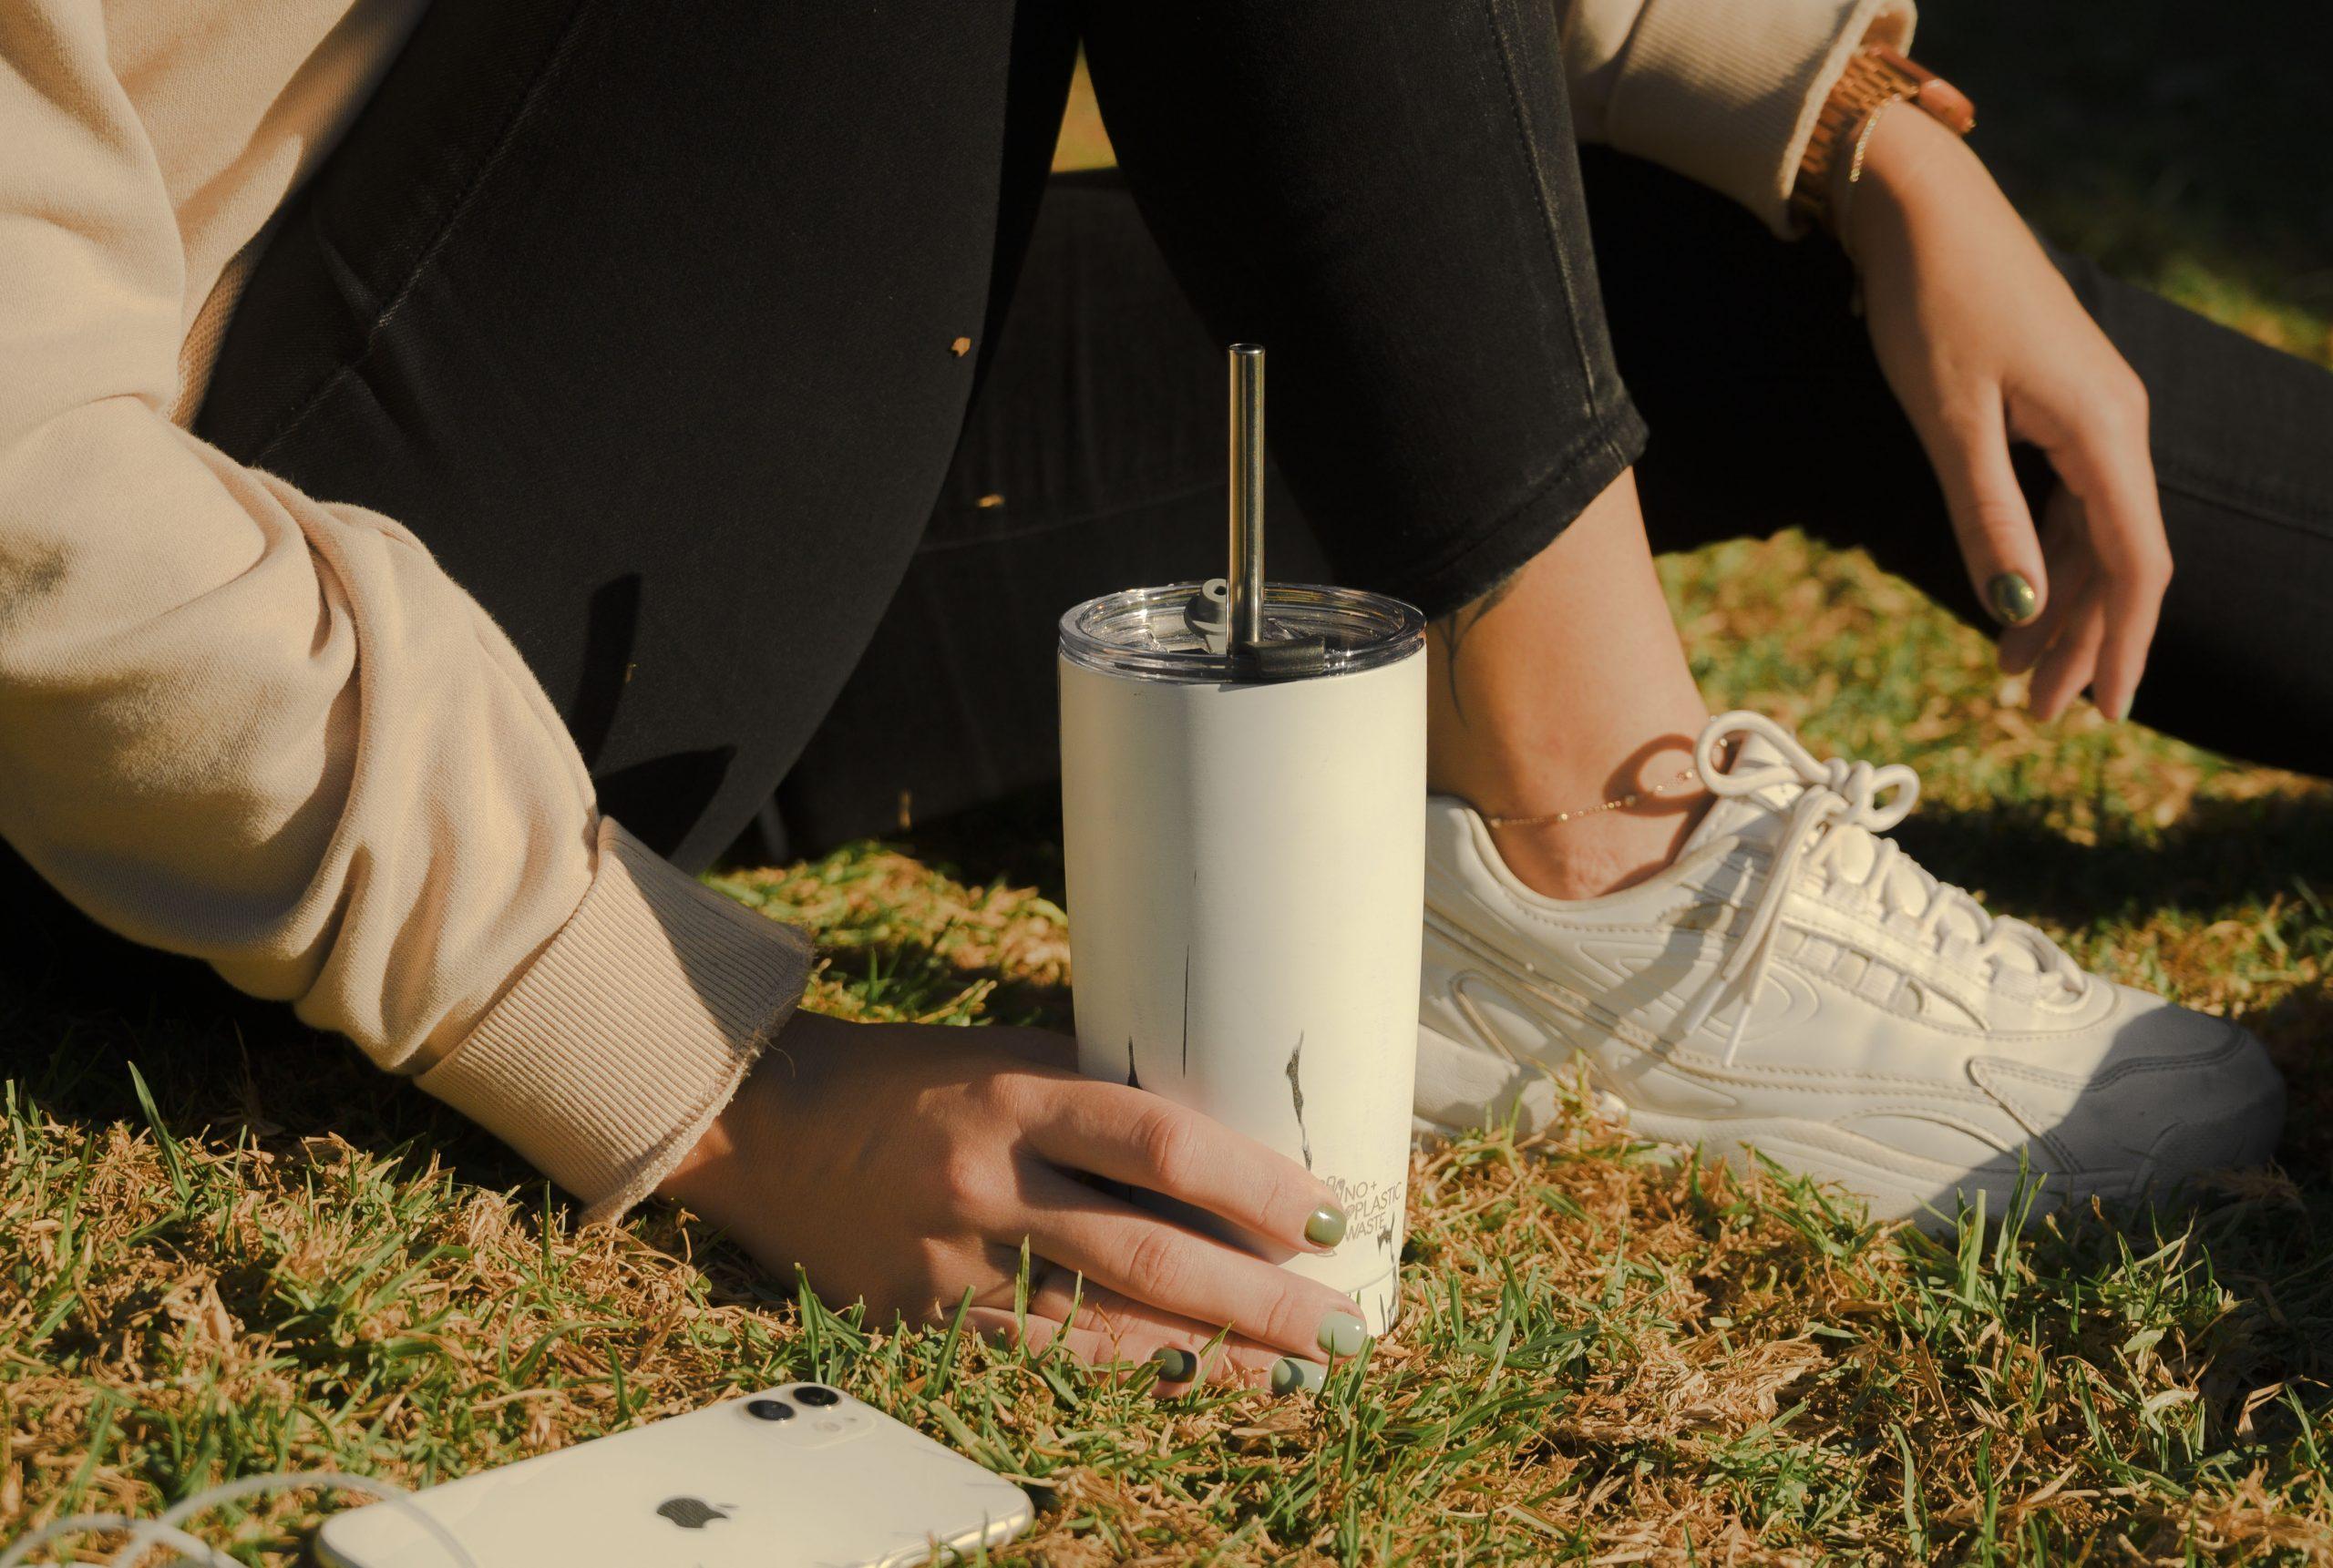 ¿Sabías que usar una pajita para beber puede prevenir contagios de Covid?